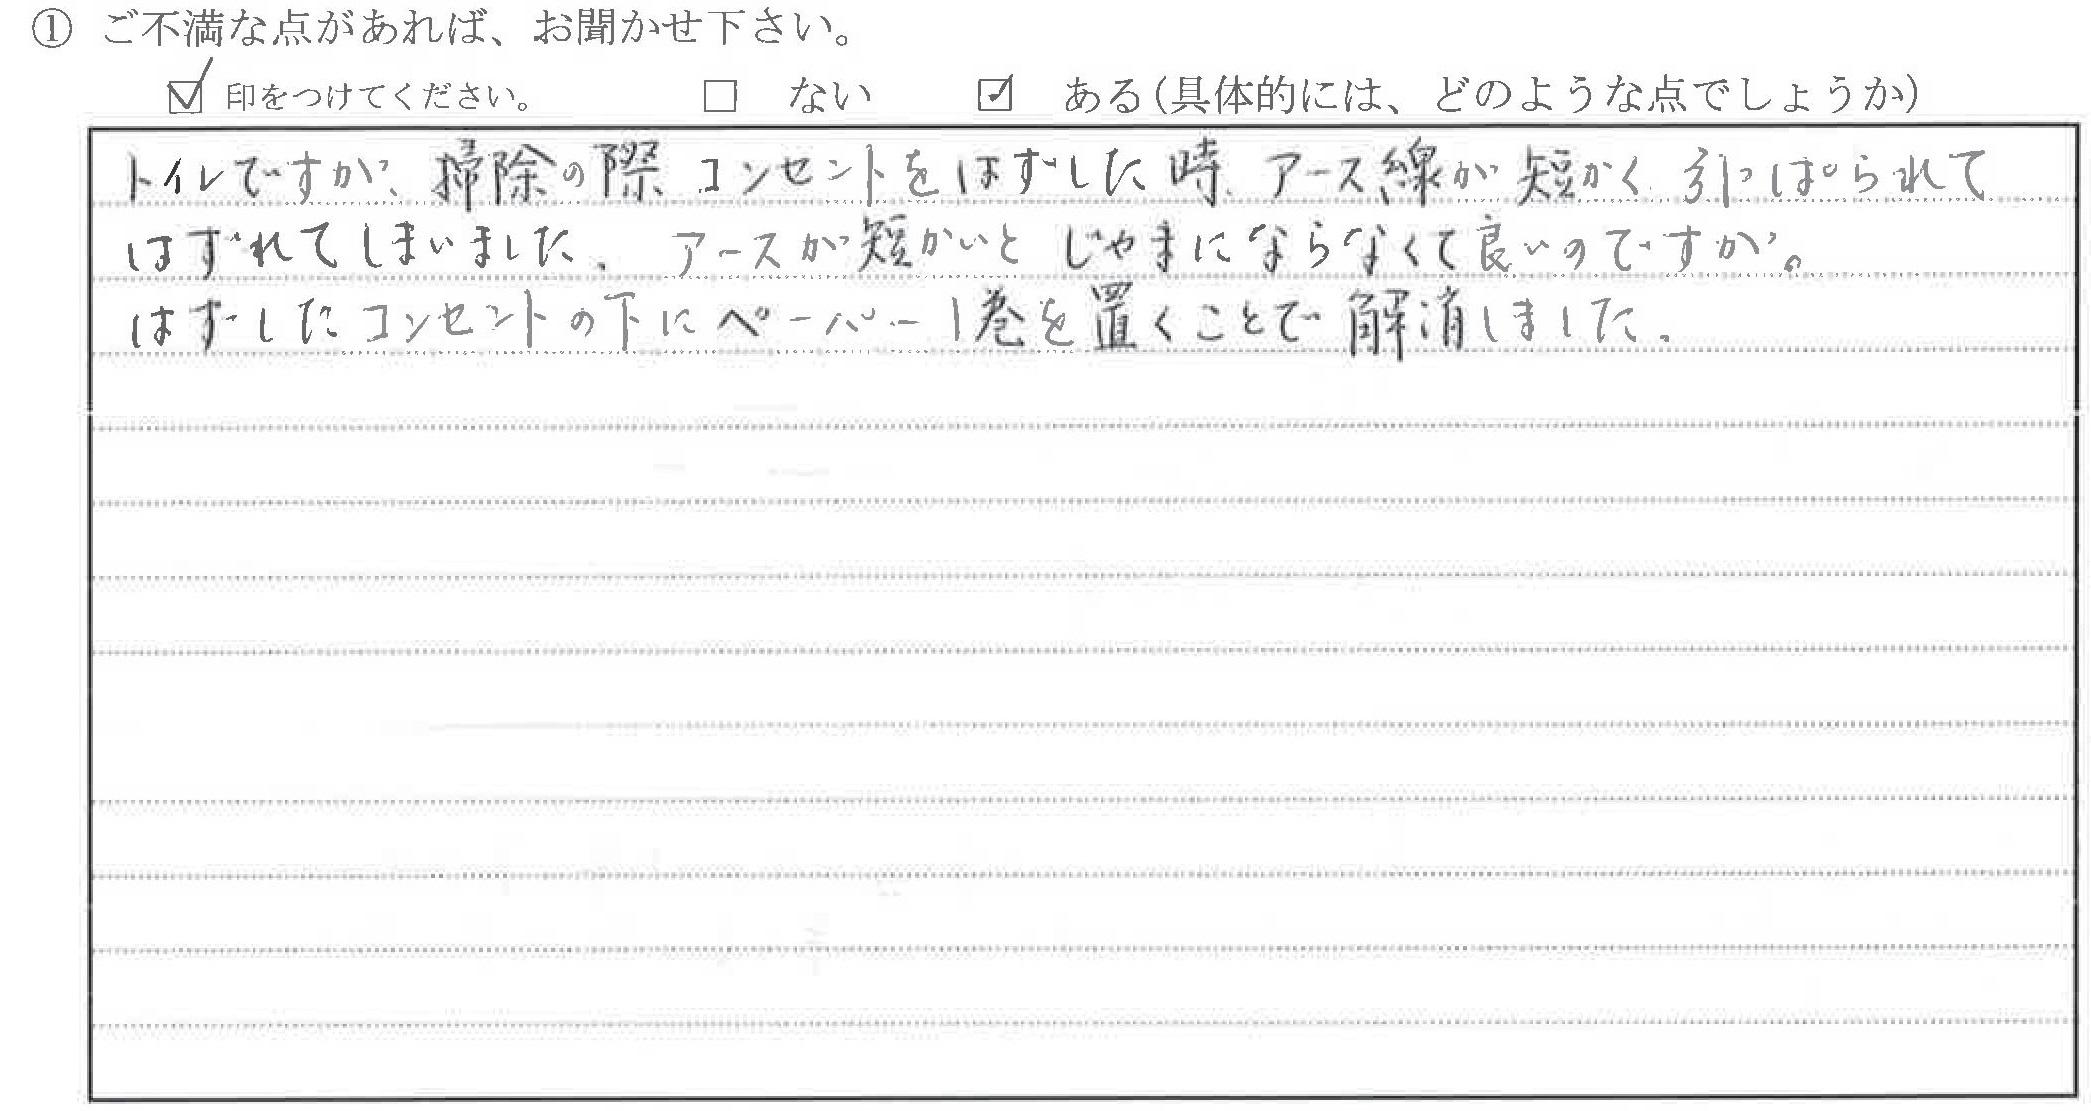 富山県富山市K様に頂いた改装工事についてのご不満な点があれば、お聞かせ下さい。というご質問について「改装工事【ご指摘の声】【お喜びの声】」というお声についての画像